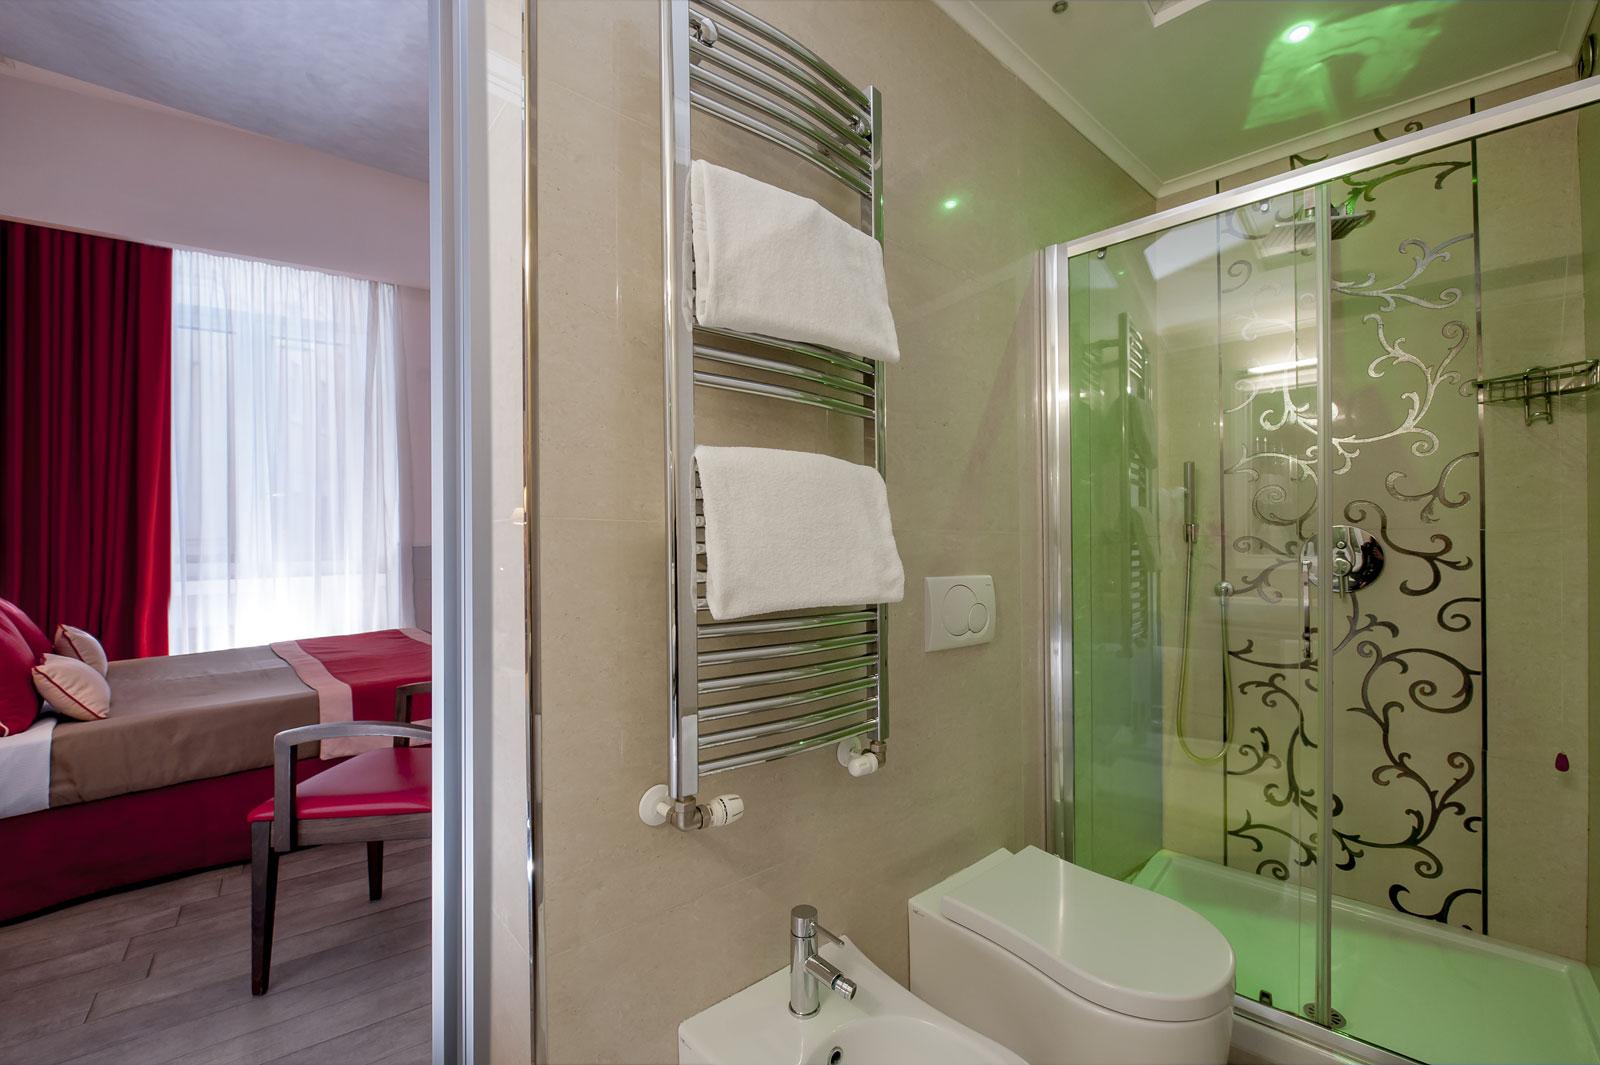 zimmer mit doppelbett hotel rom - zimmer mit doppelbett rom - zimmer ...